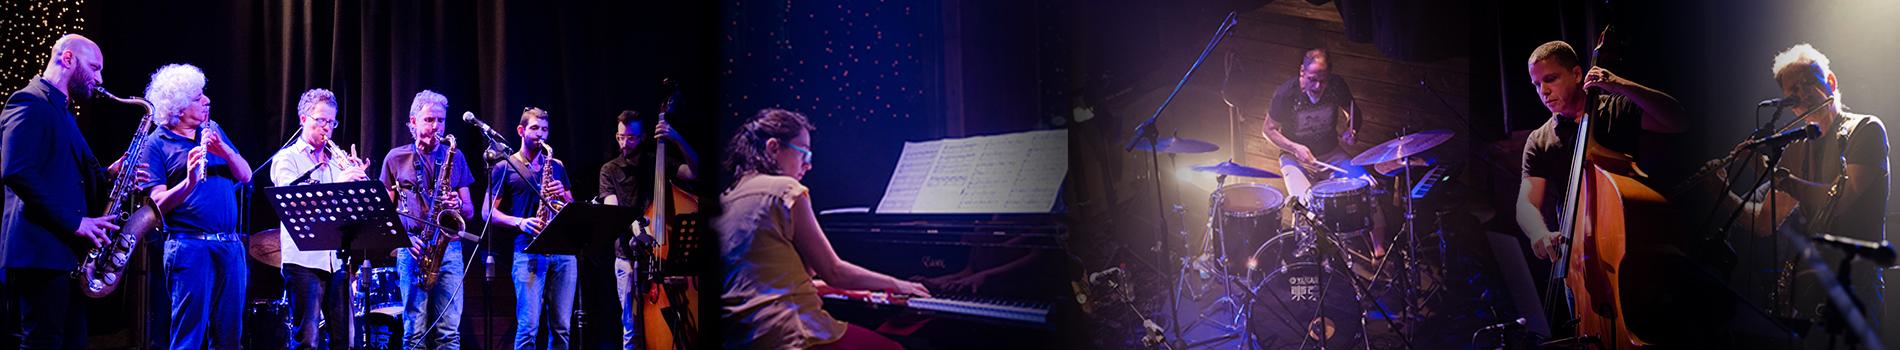 מסלולים חדשים באקדמיה במסגרת התואר השני במוסיקה